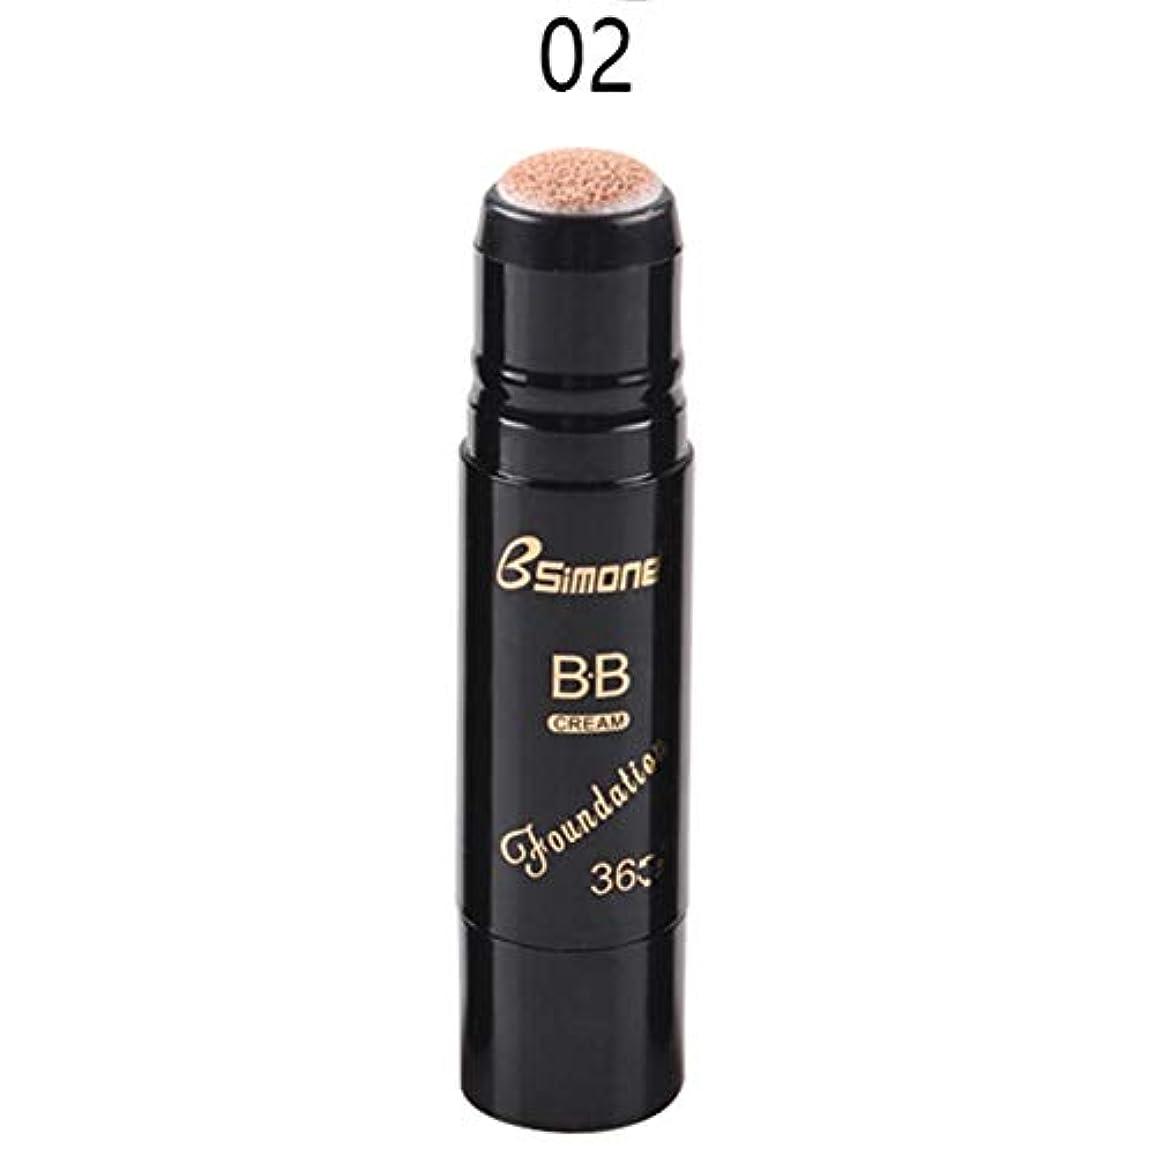 パイントアラーム時間Cutelove BBクリーム コンシーラー ファンデーションクリーム 保湿 肌の色を明るくする 化粧プライマー コンシーラースティック フェイスケア 化粧品 美容